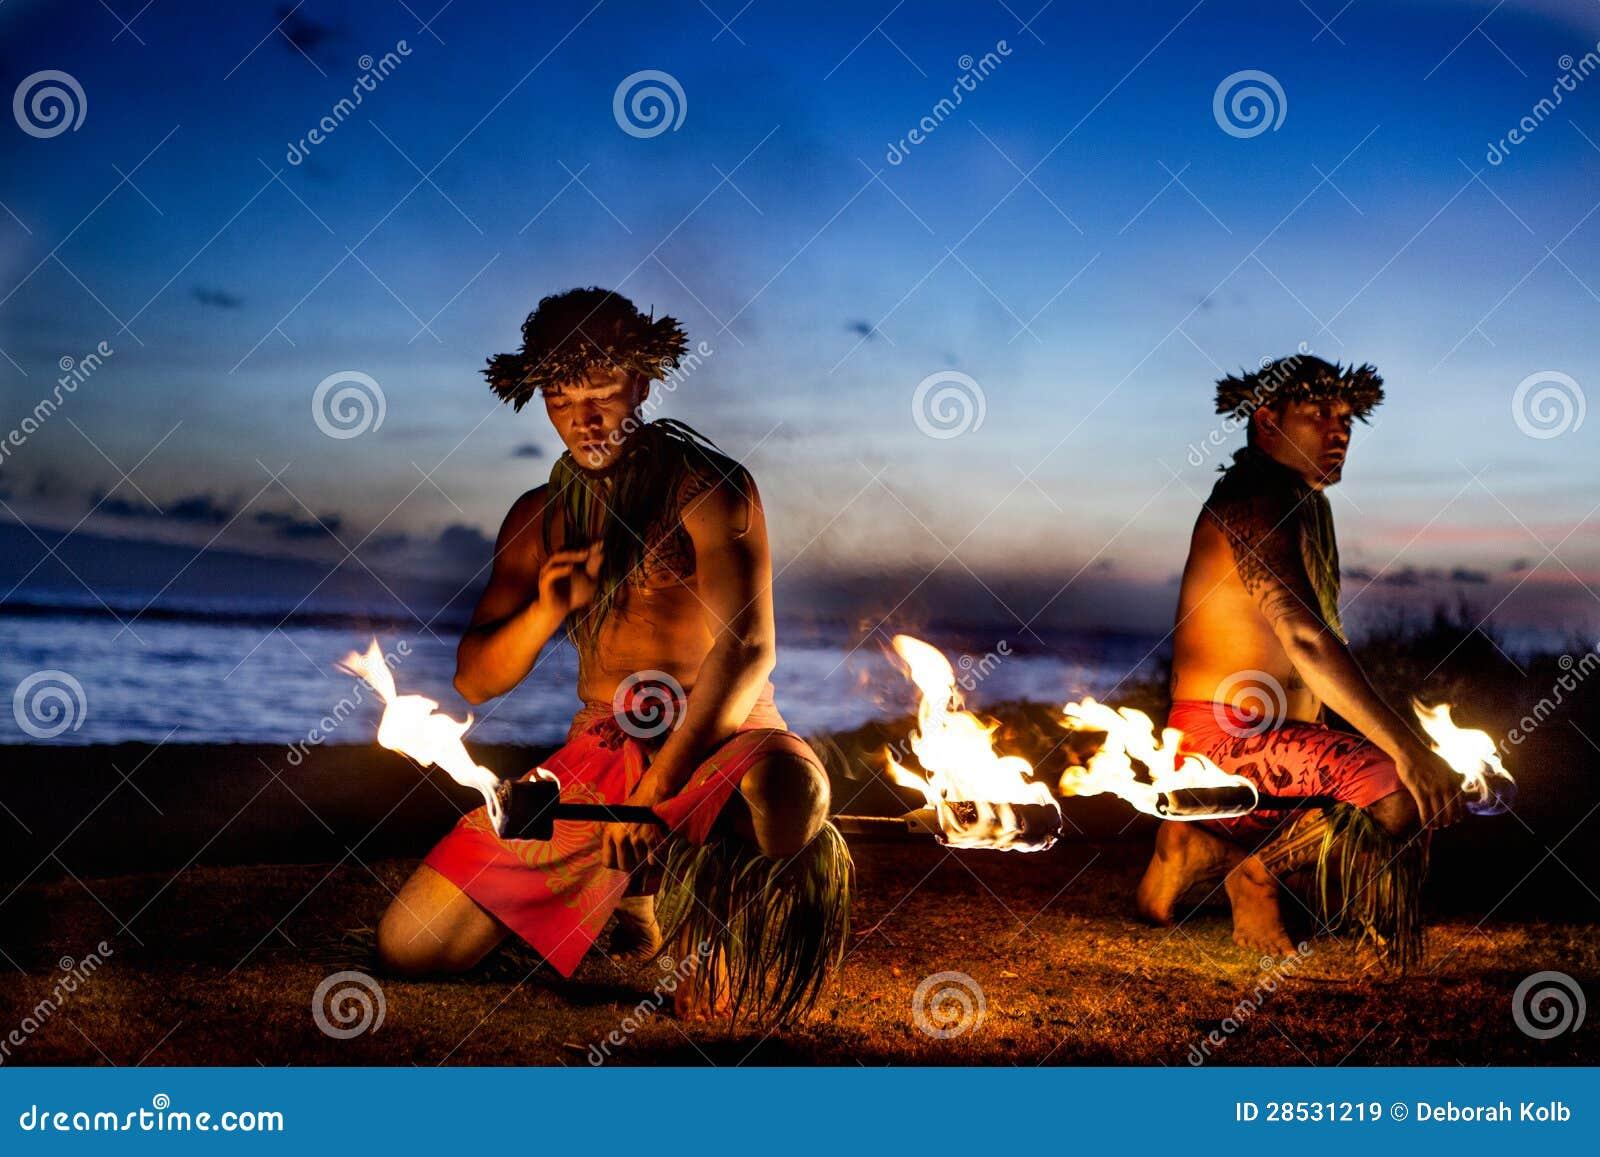 Dois homens havaianos prontos para dançar com incêndio